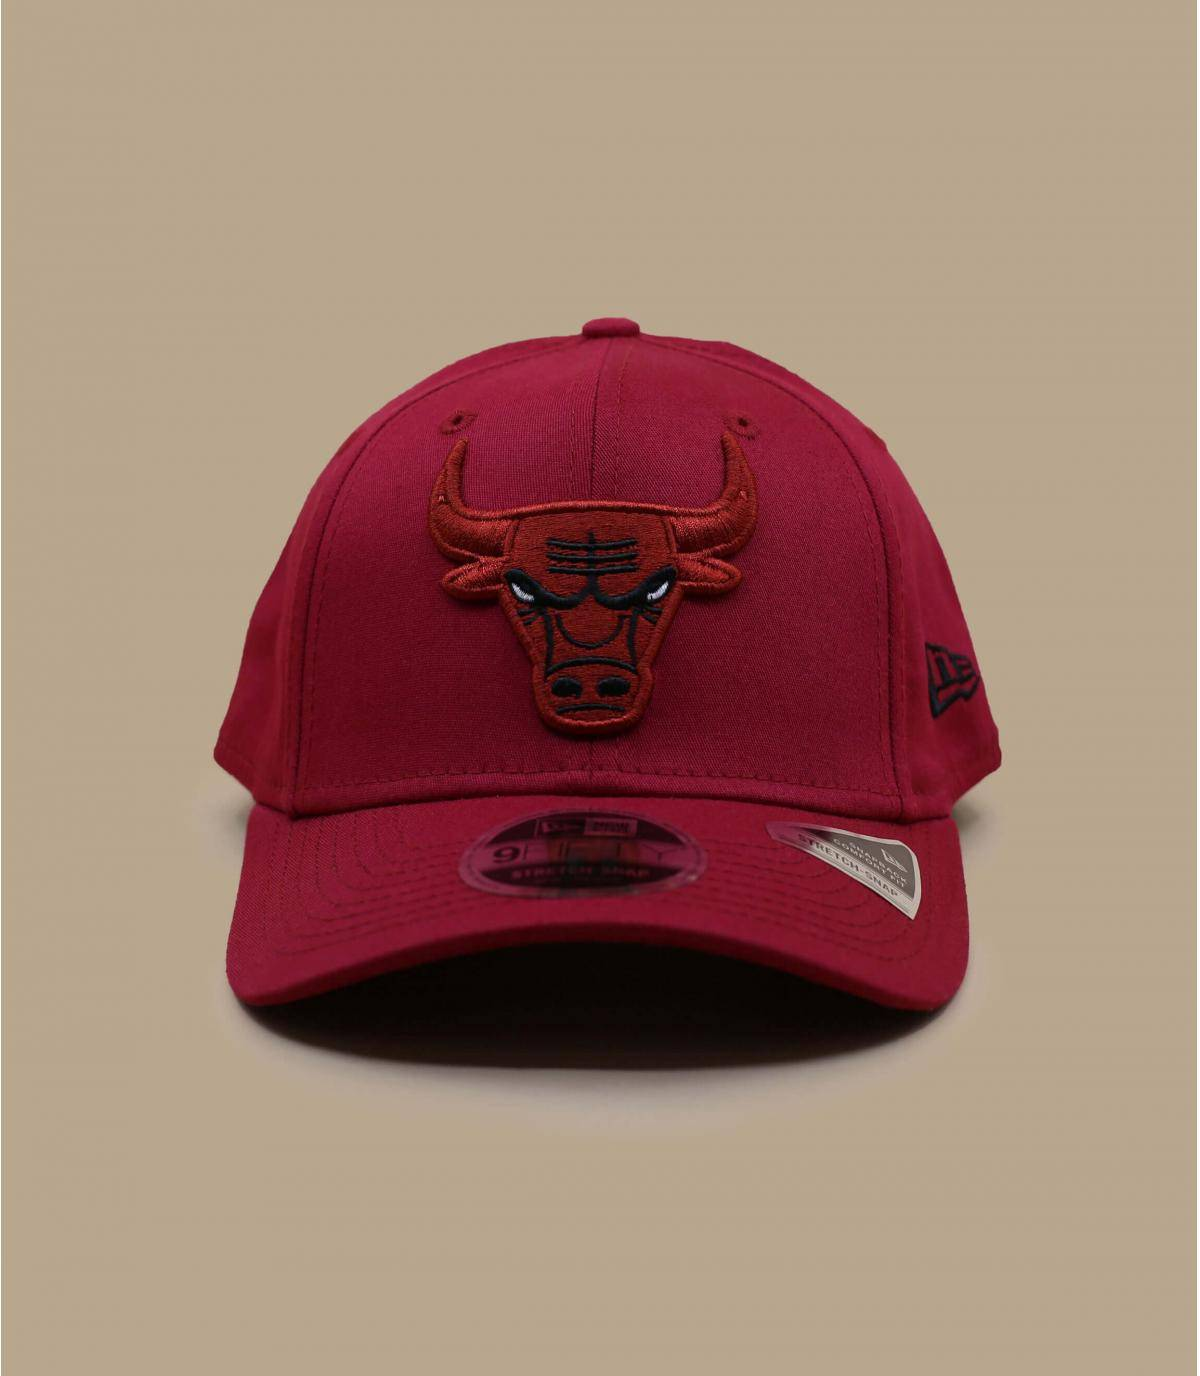 Casquette Bulls rouge